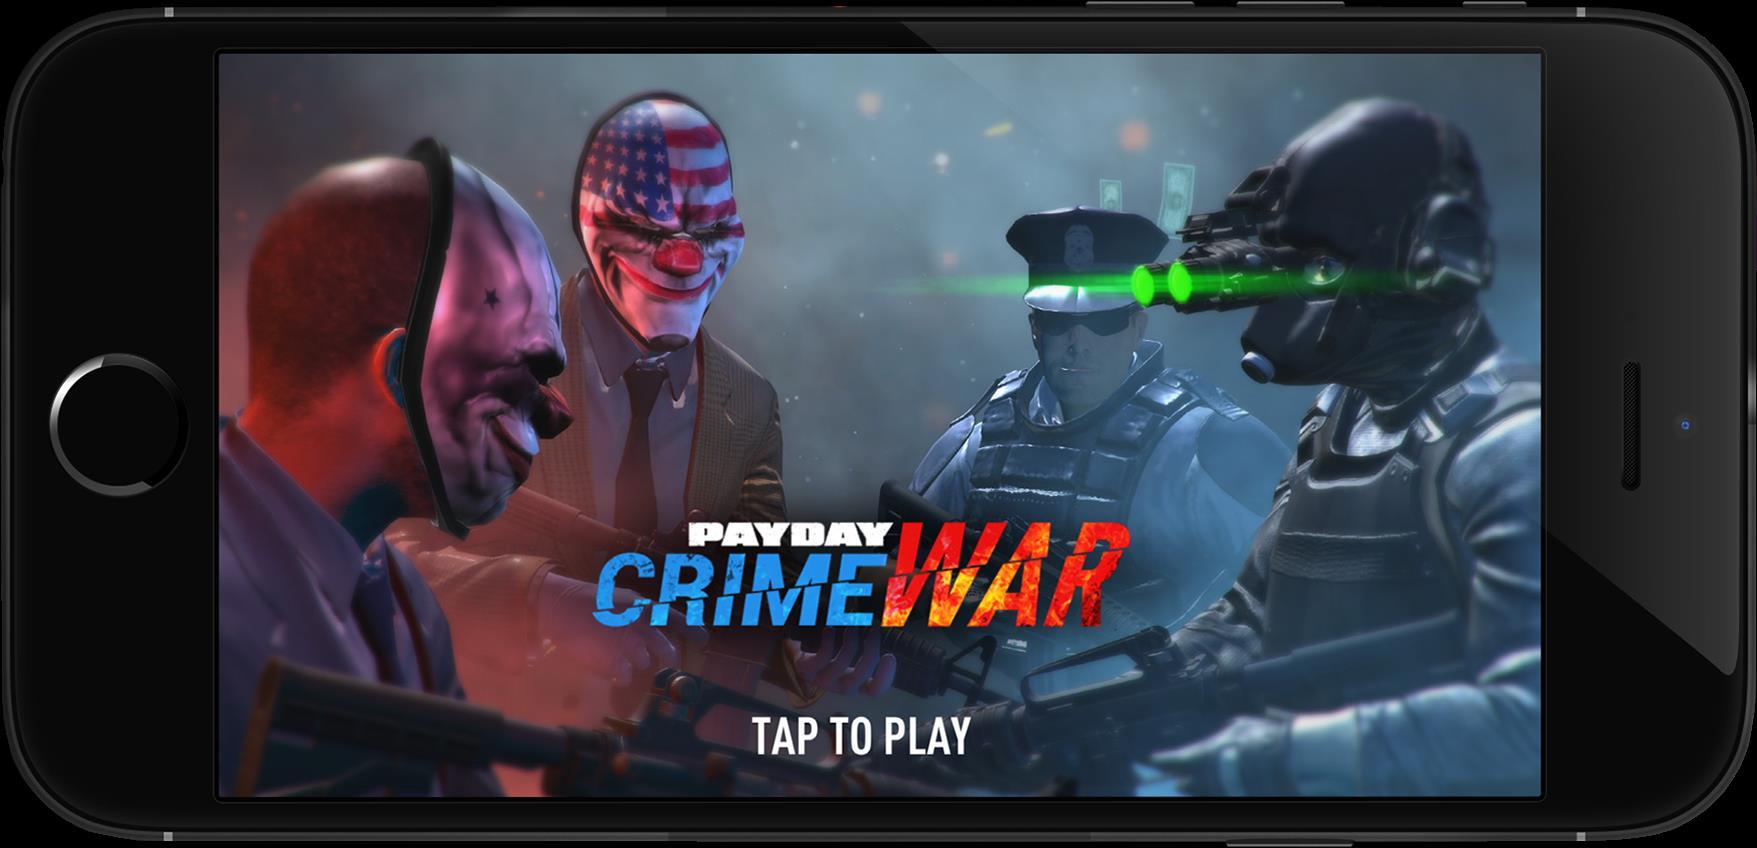 payday-crime-war-android-ios-1 PAYDAY Crime War: estúdio de Dead Effect 2 vai trabalhar no game